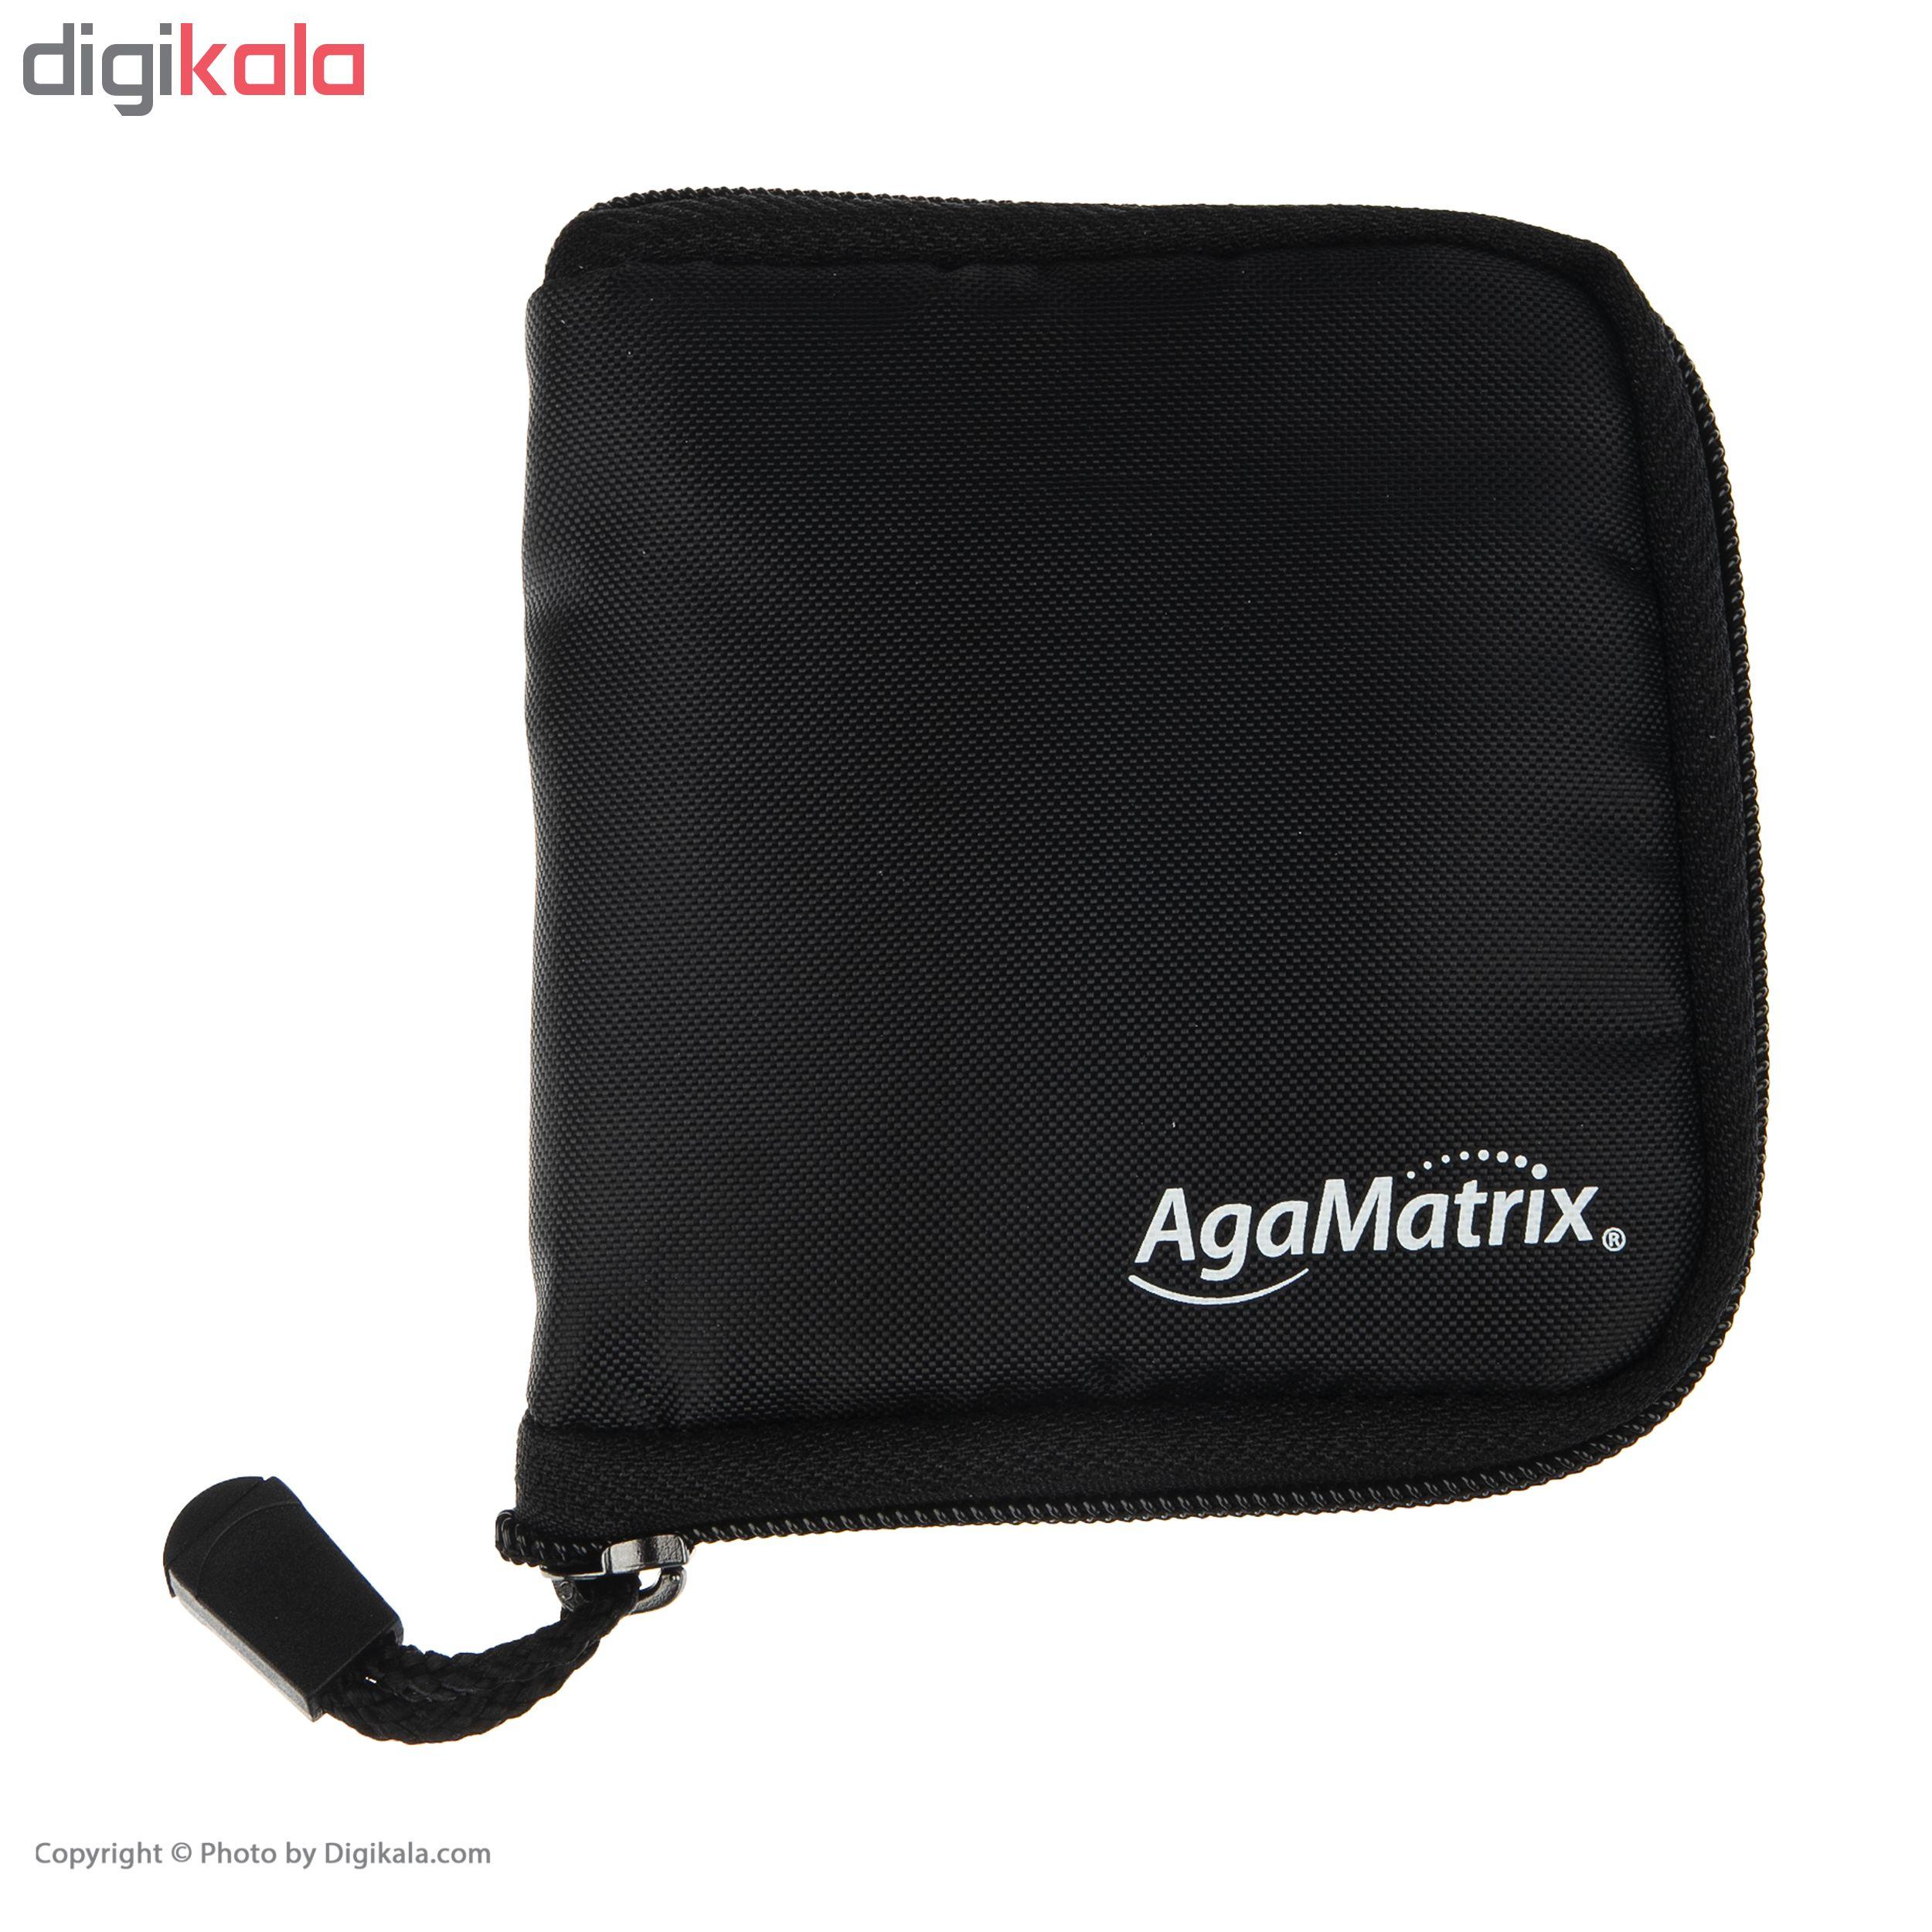 دستگاه تست قند خون آگاماتریکس مدل AgaMatrix Jazz Wireless 2